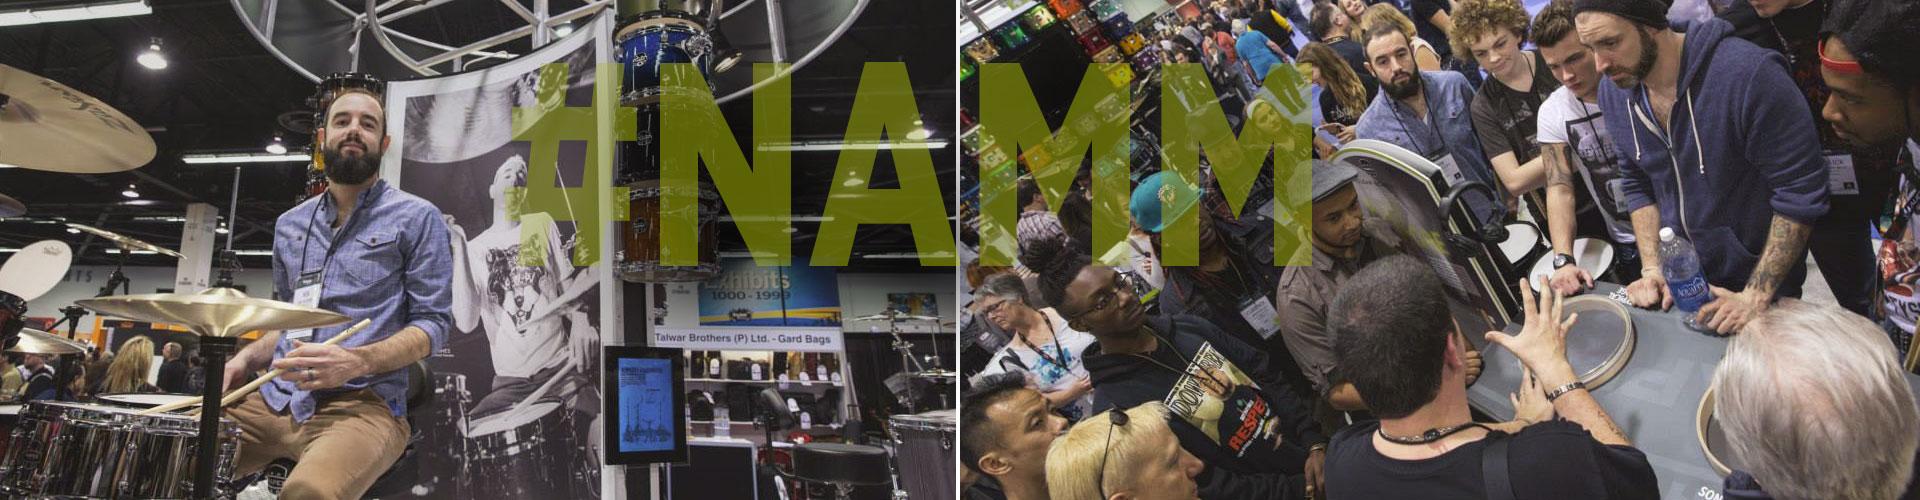 NAMM 2014 - Nick Hughs & Russ Miller